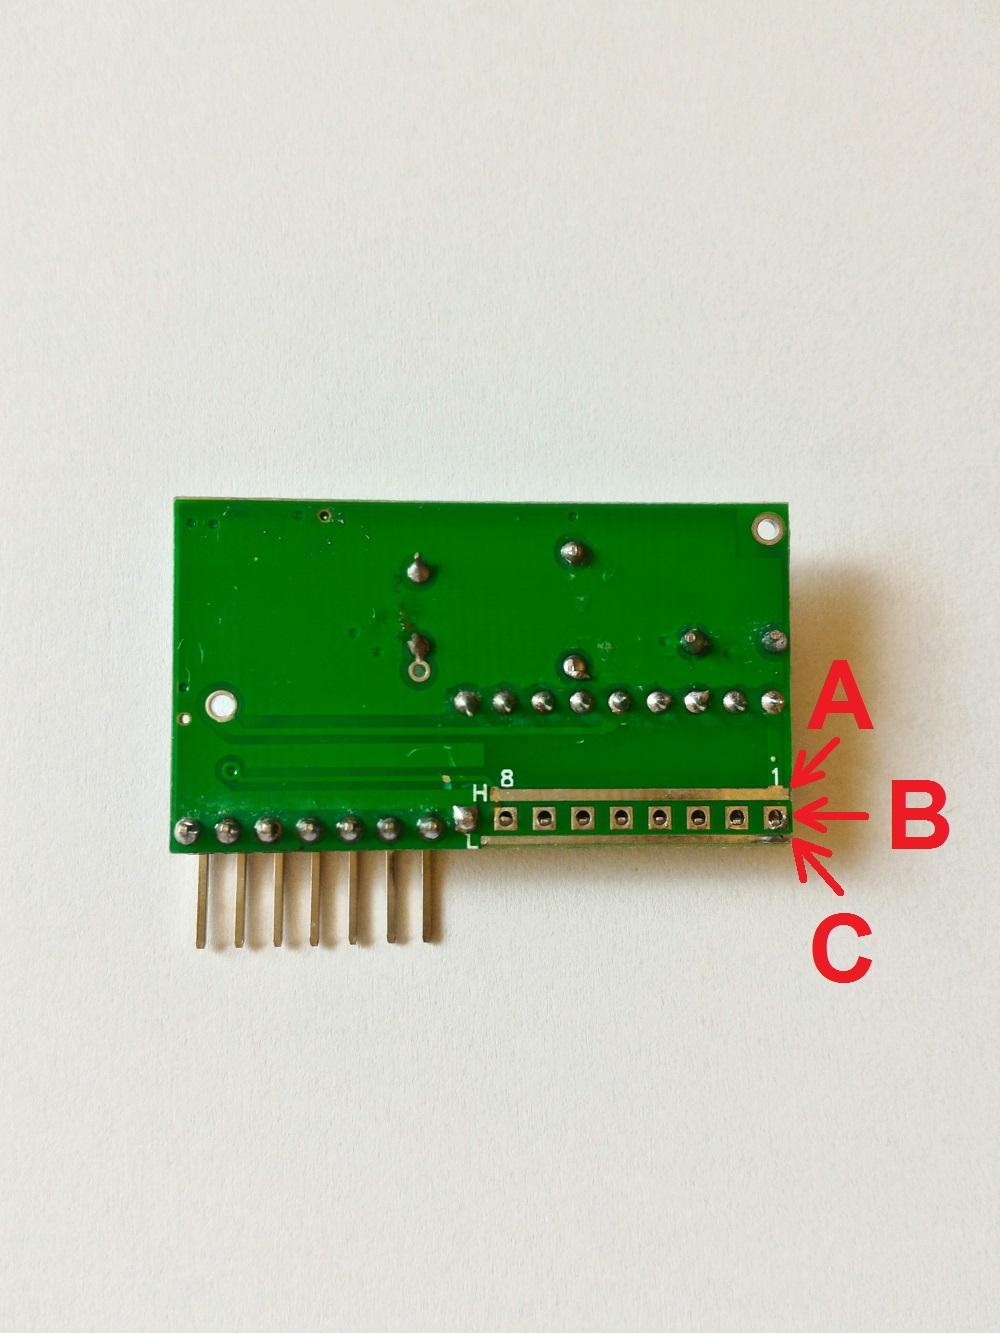 img04_utilizando_controle_remoto_rf_e_receptor_rf_433_315_mhz_arduino_pisca_piscando_led